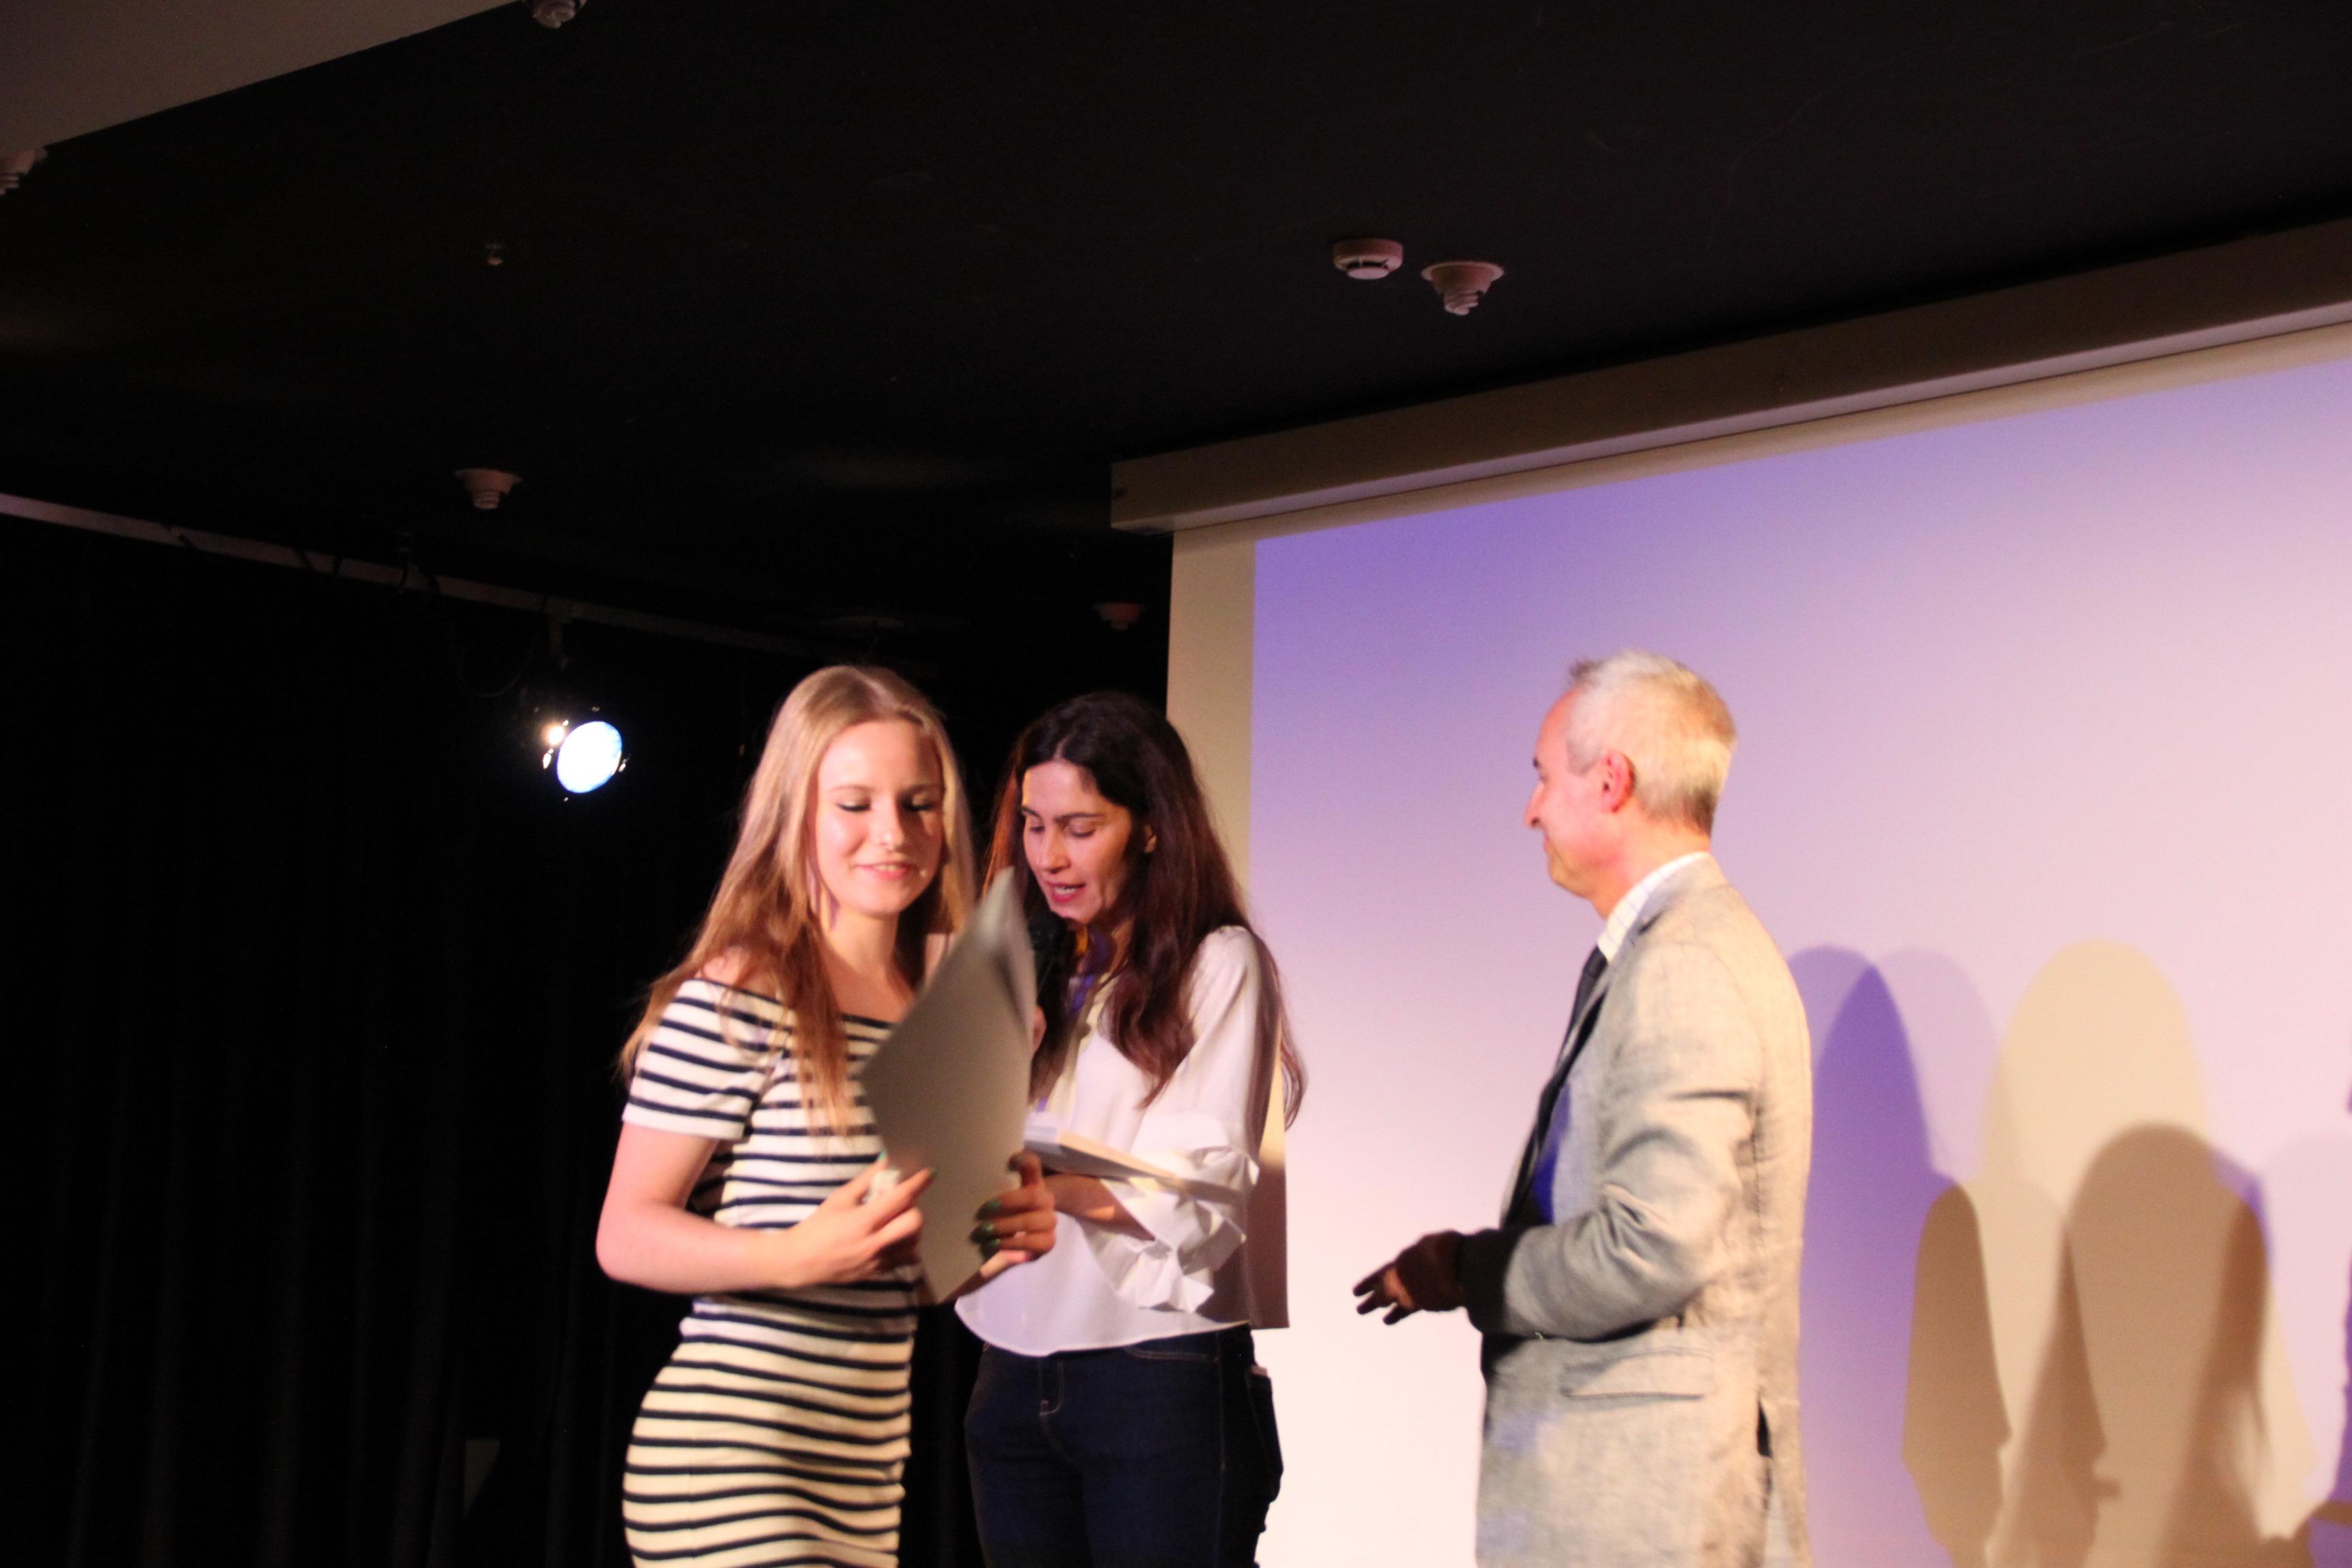 Graduación 2º bachillerato 2017-2018. IES María de Molina (Madrid) (2/2) 22